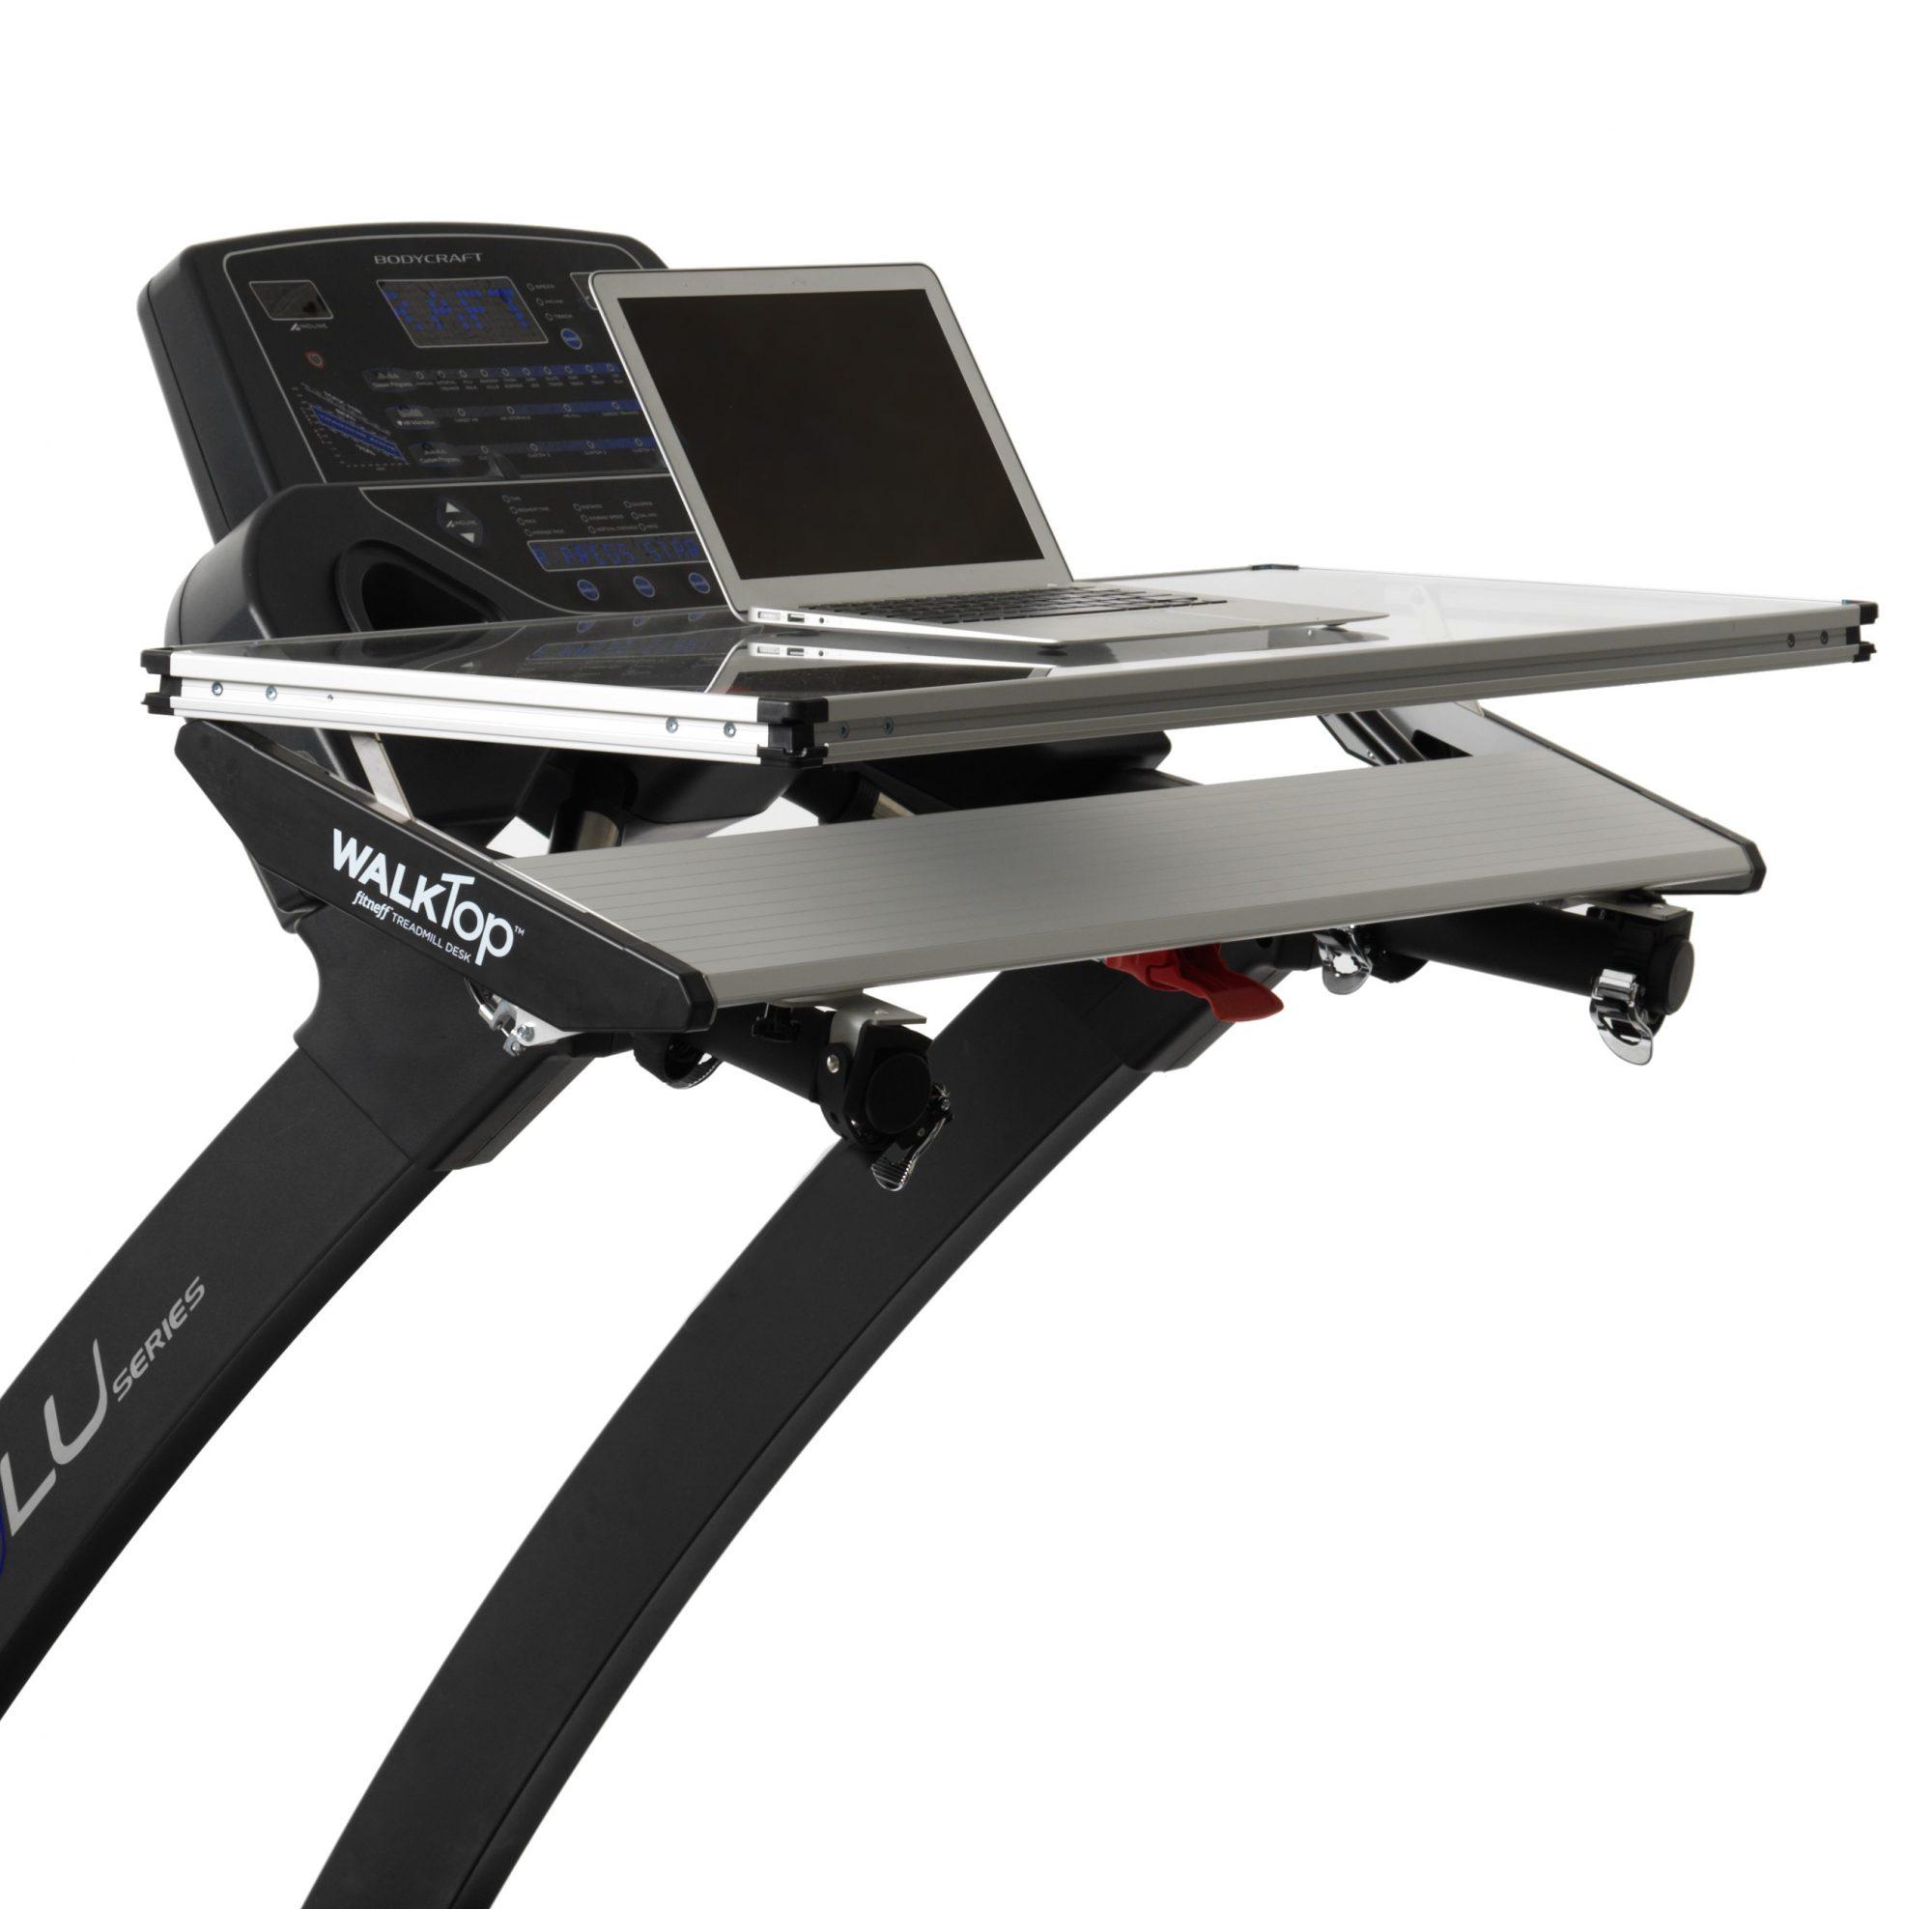 Treadmill Desk Hire Brisbane: Hire Standard Home Treadmill Desk